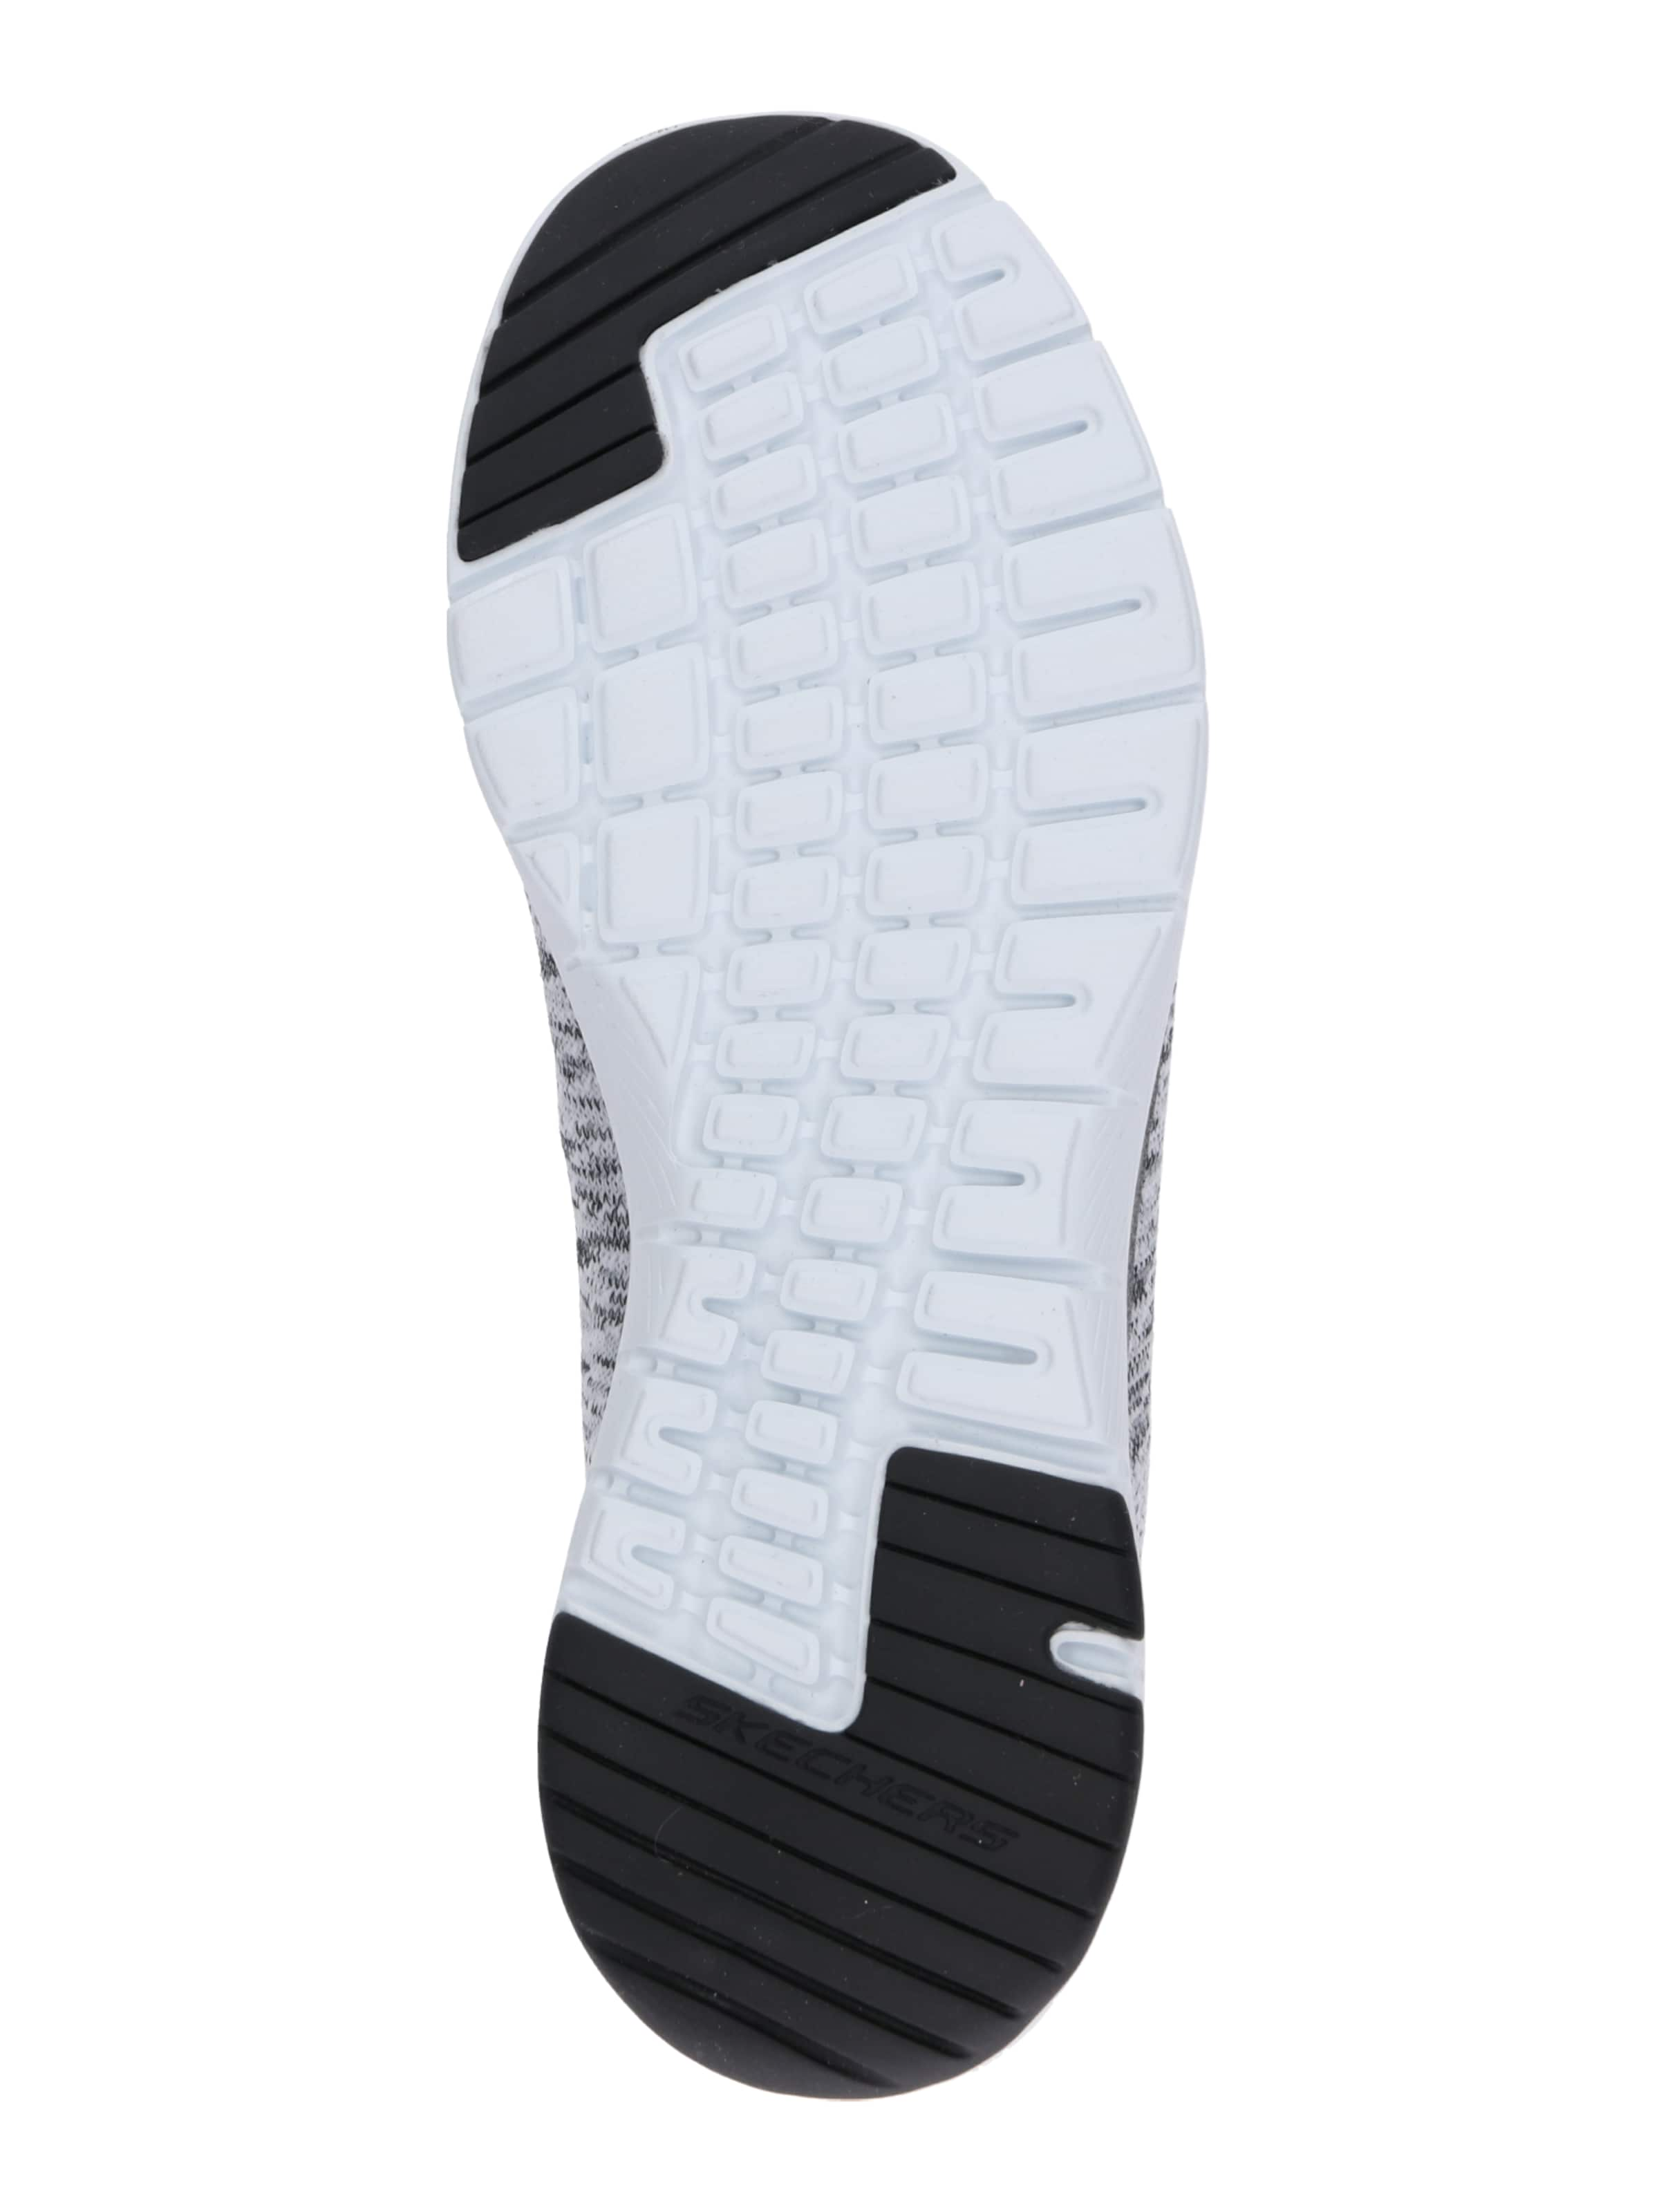 Skechers Sneaker In Appeal 3 SchwarzWeiß 0' 'flex Yymf6vbgI7